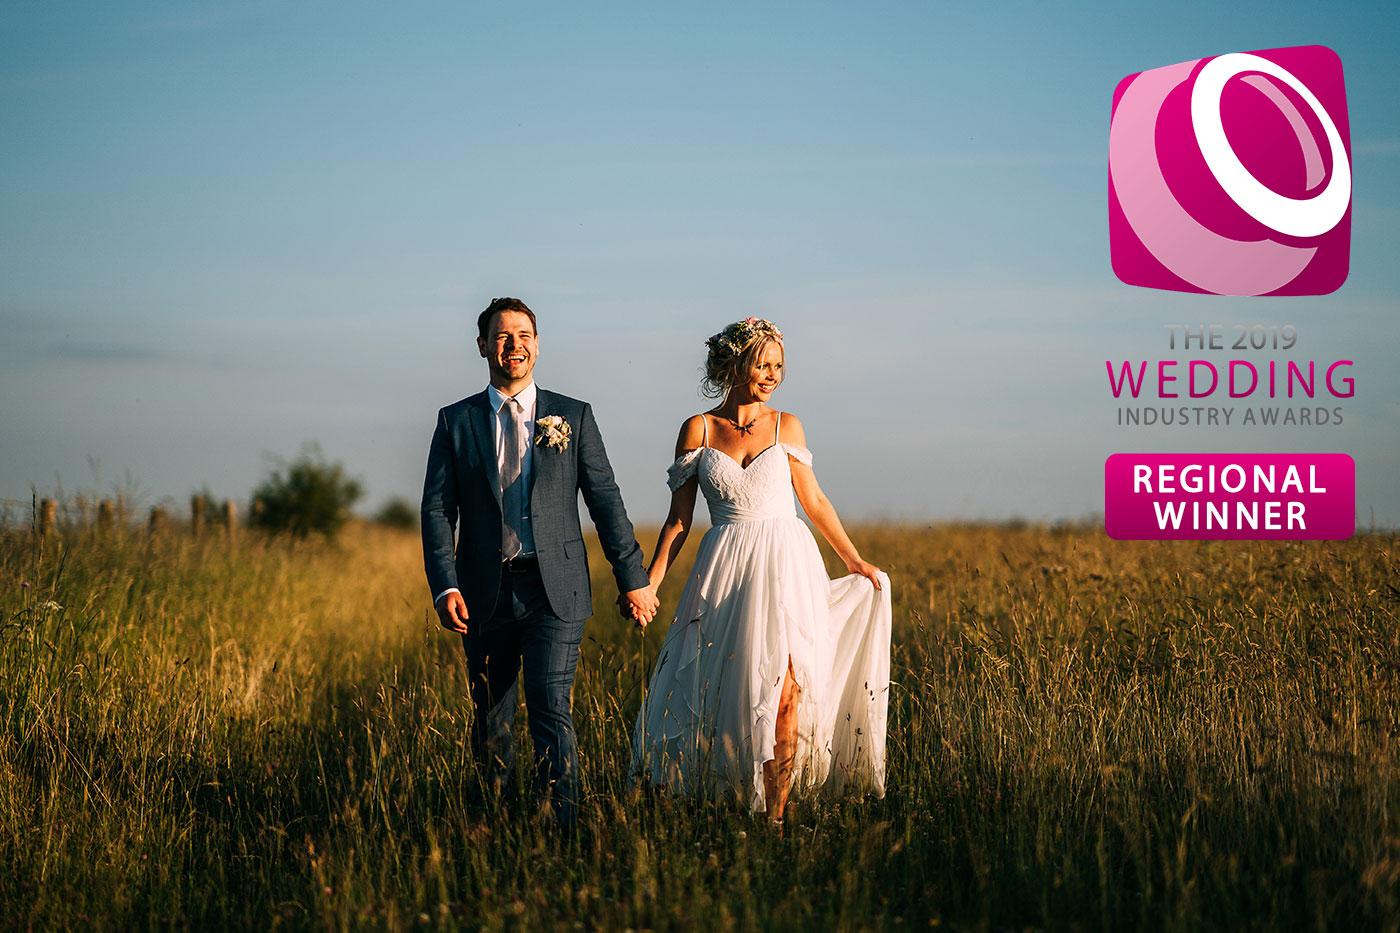 best wedding photographer Bristol 2019